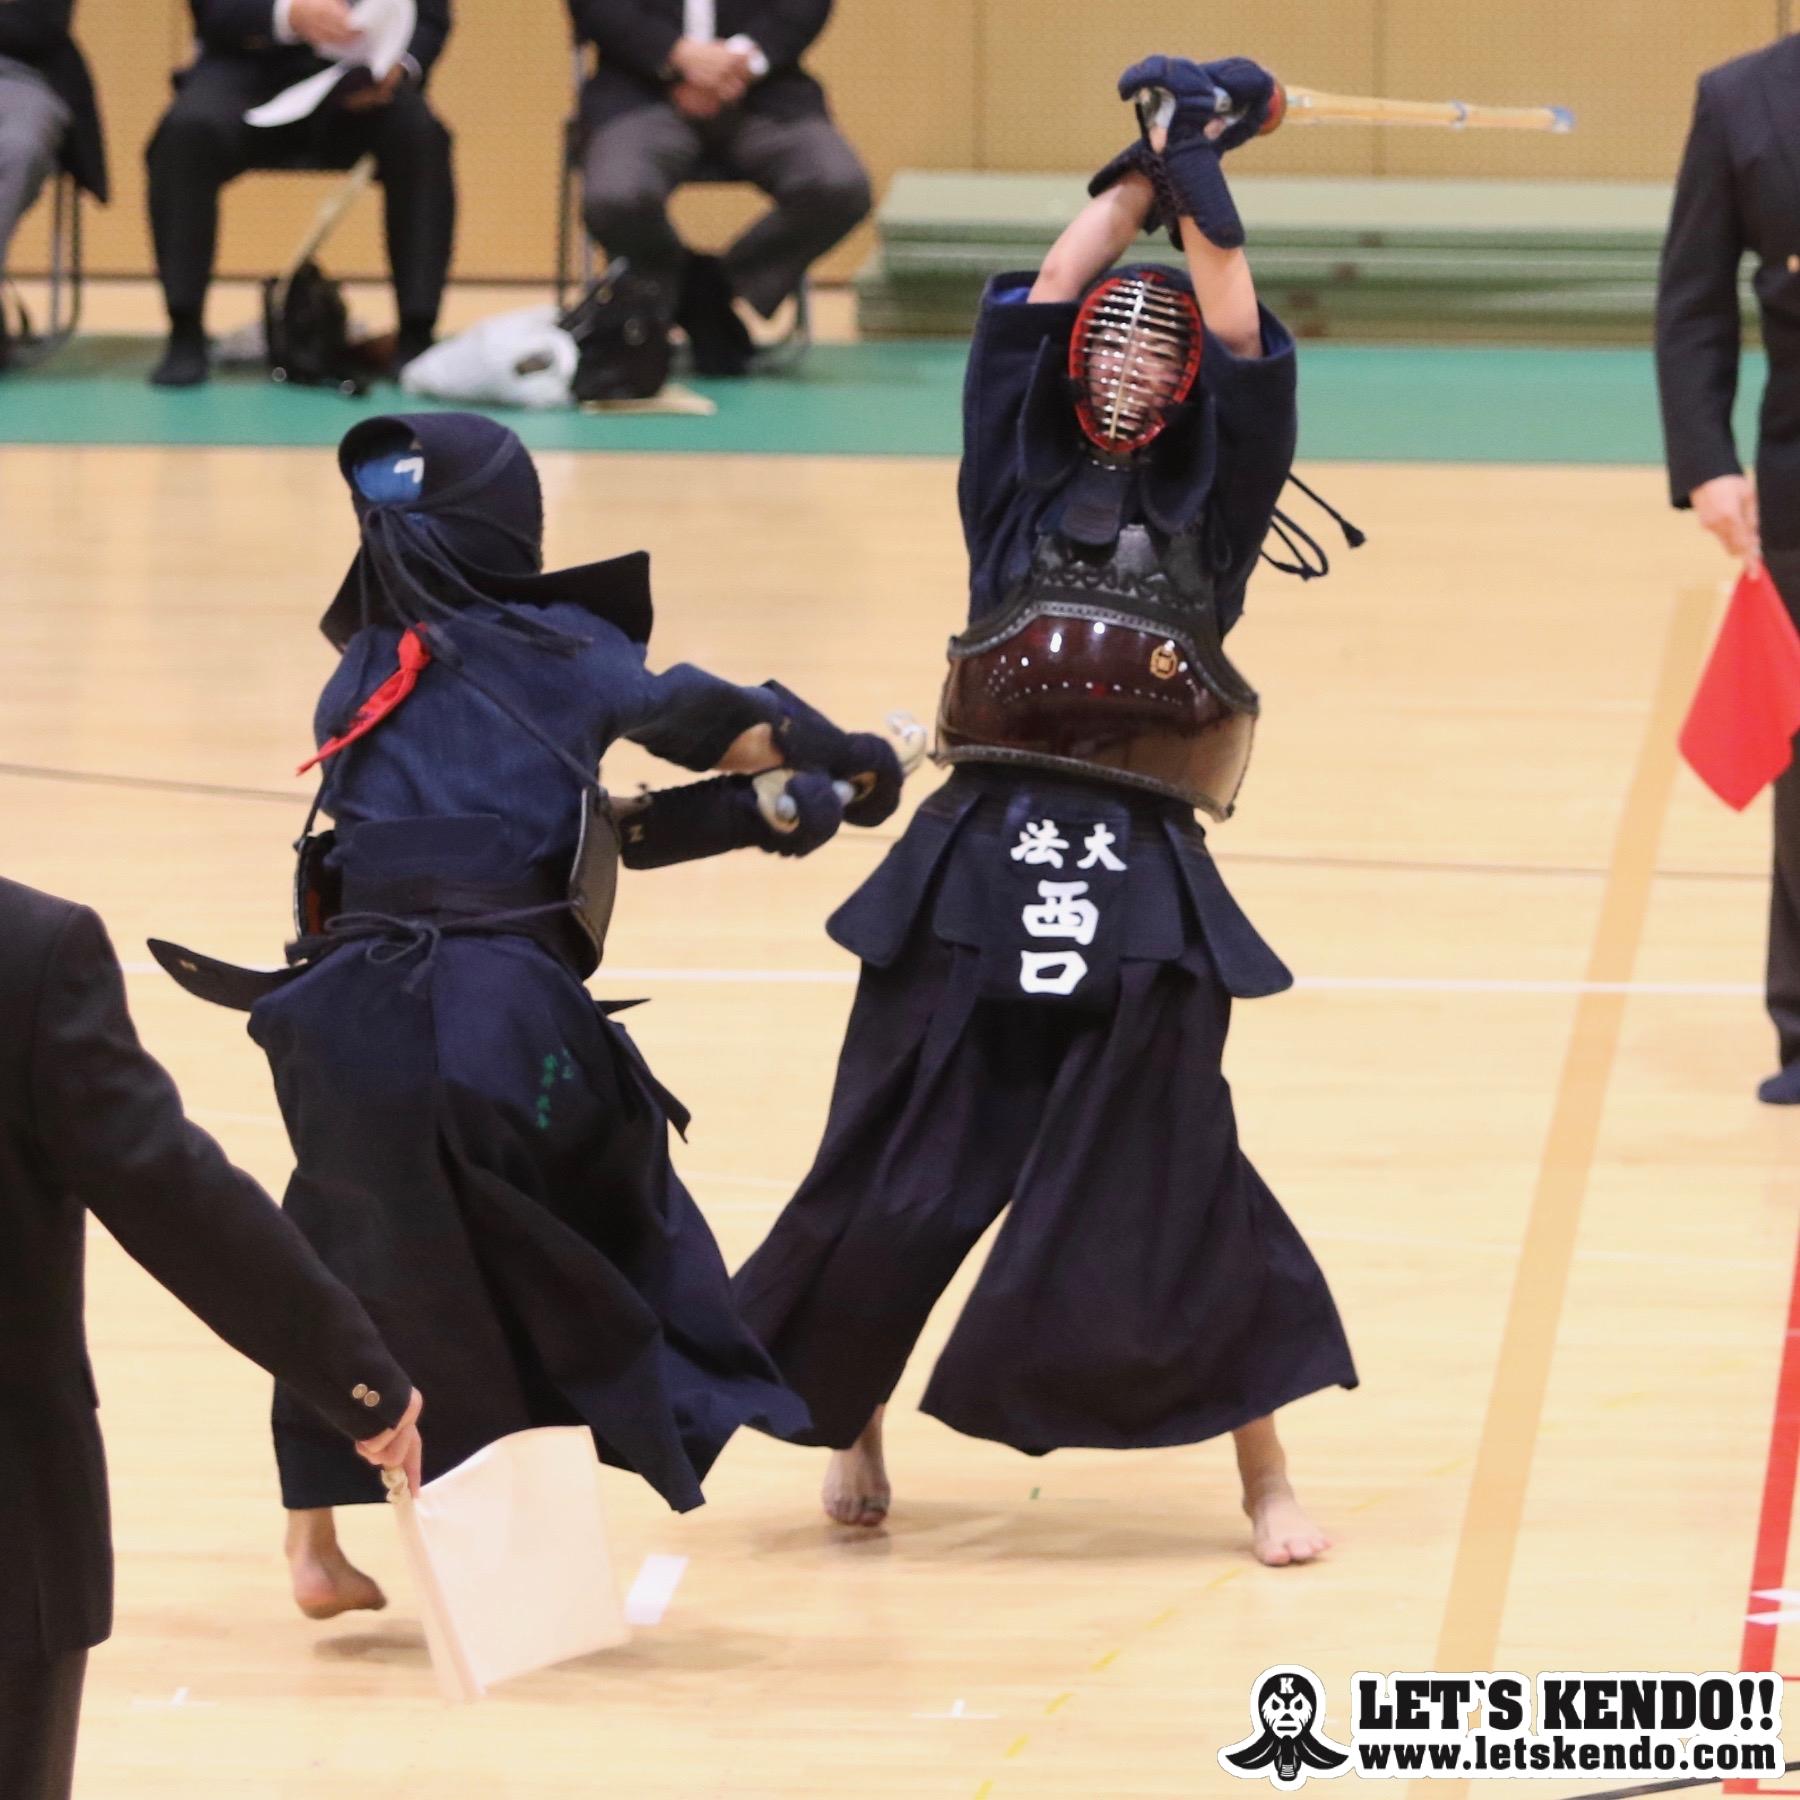 剣道団体戦のポジションの特徴と役割 ...